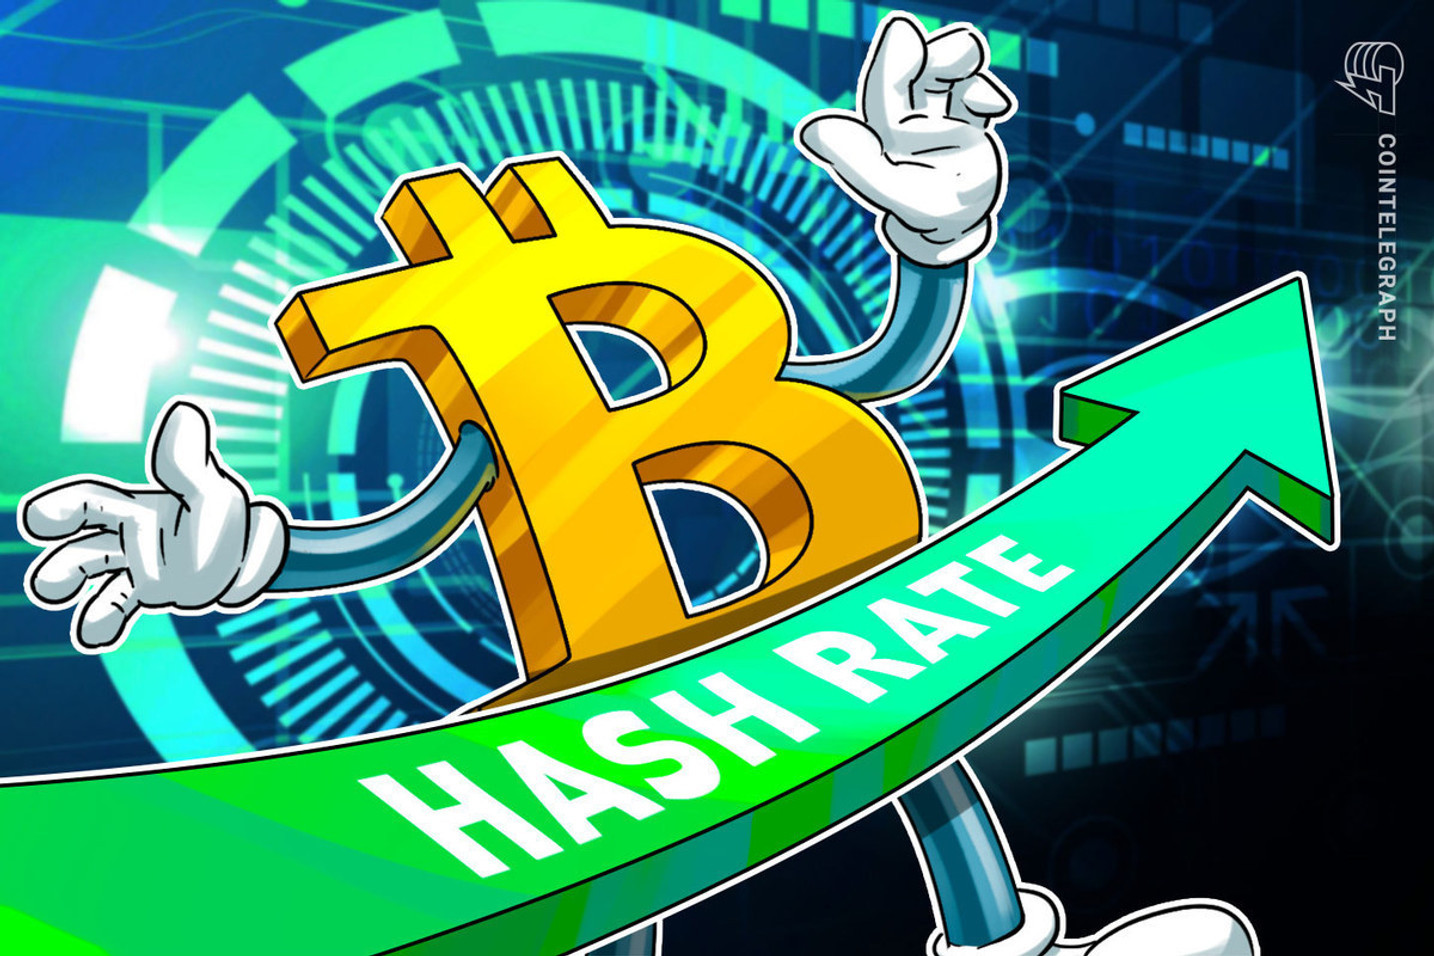 ¿Qué tan grande es la potencia de hashing de la red de Bitcoin?